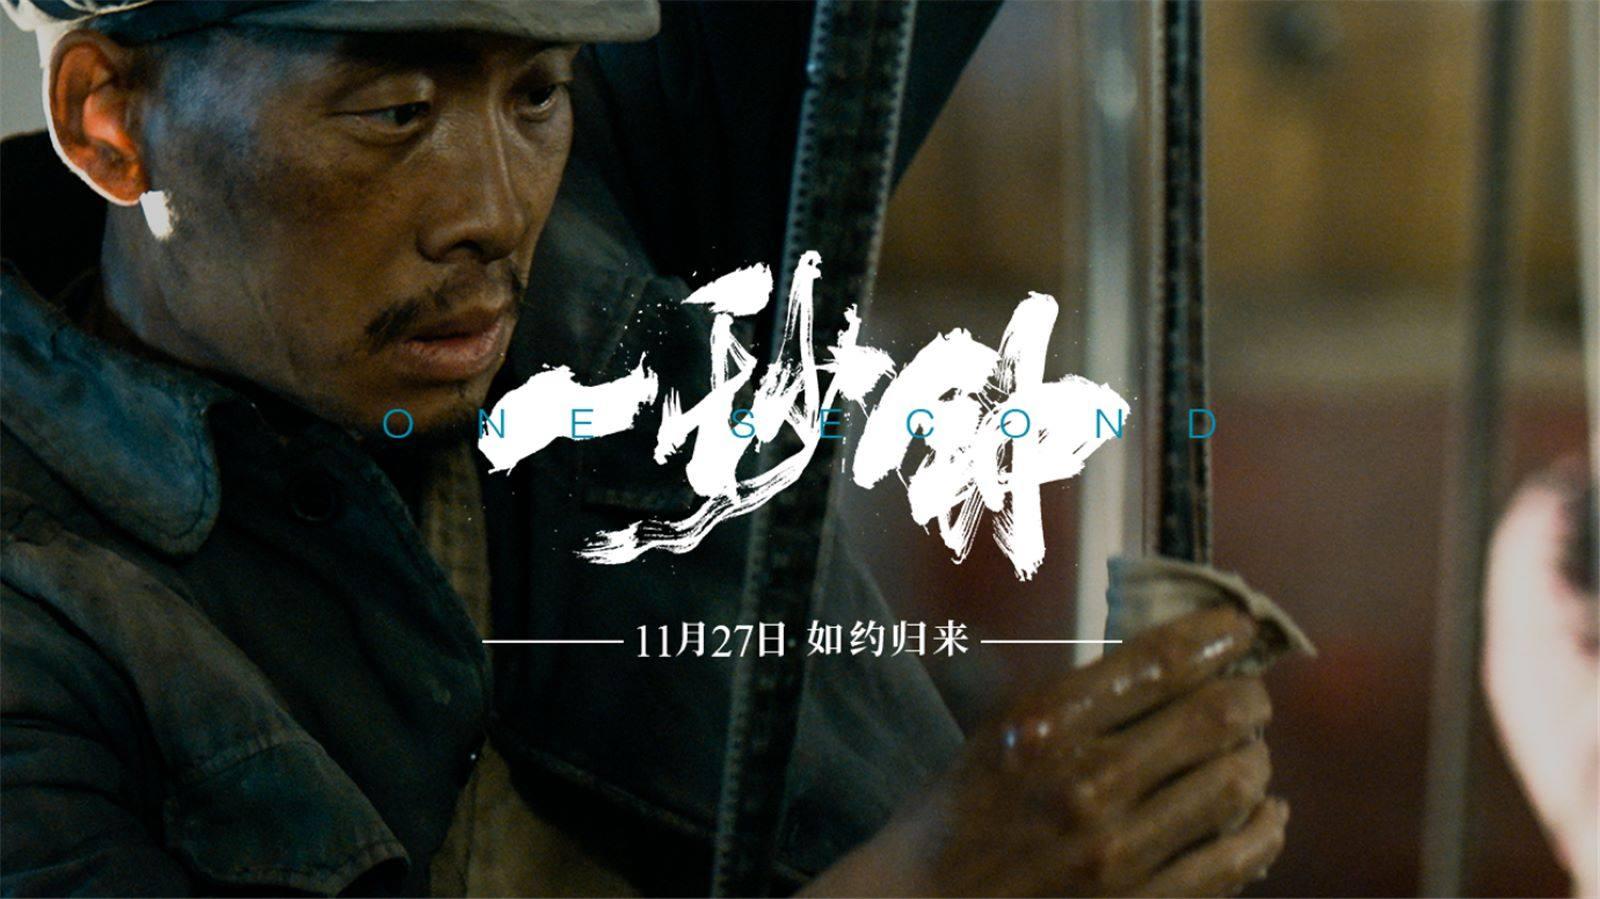 张艺谋执导电影《一秒钟》发布终极预告,将于11月27日全国上映